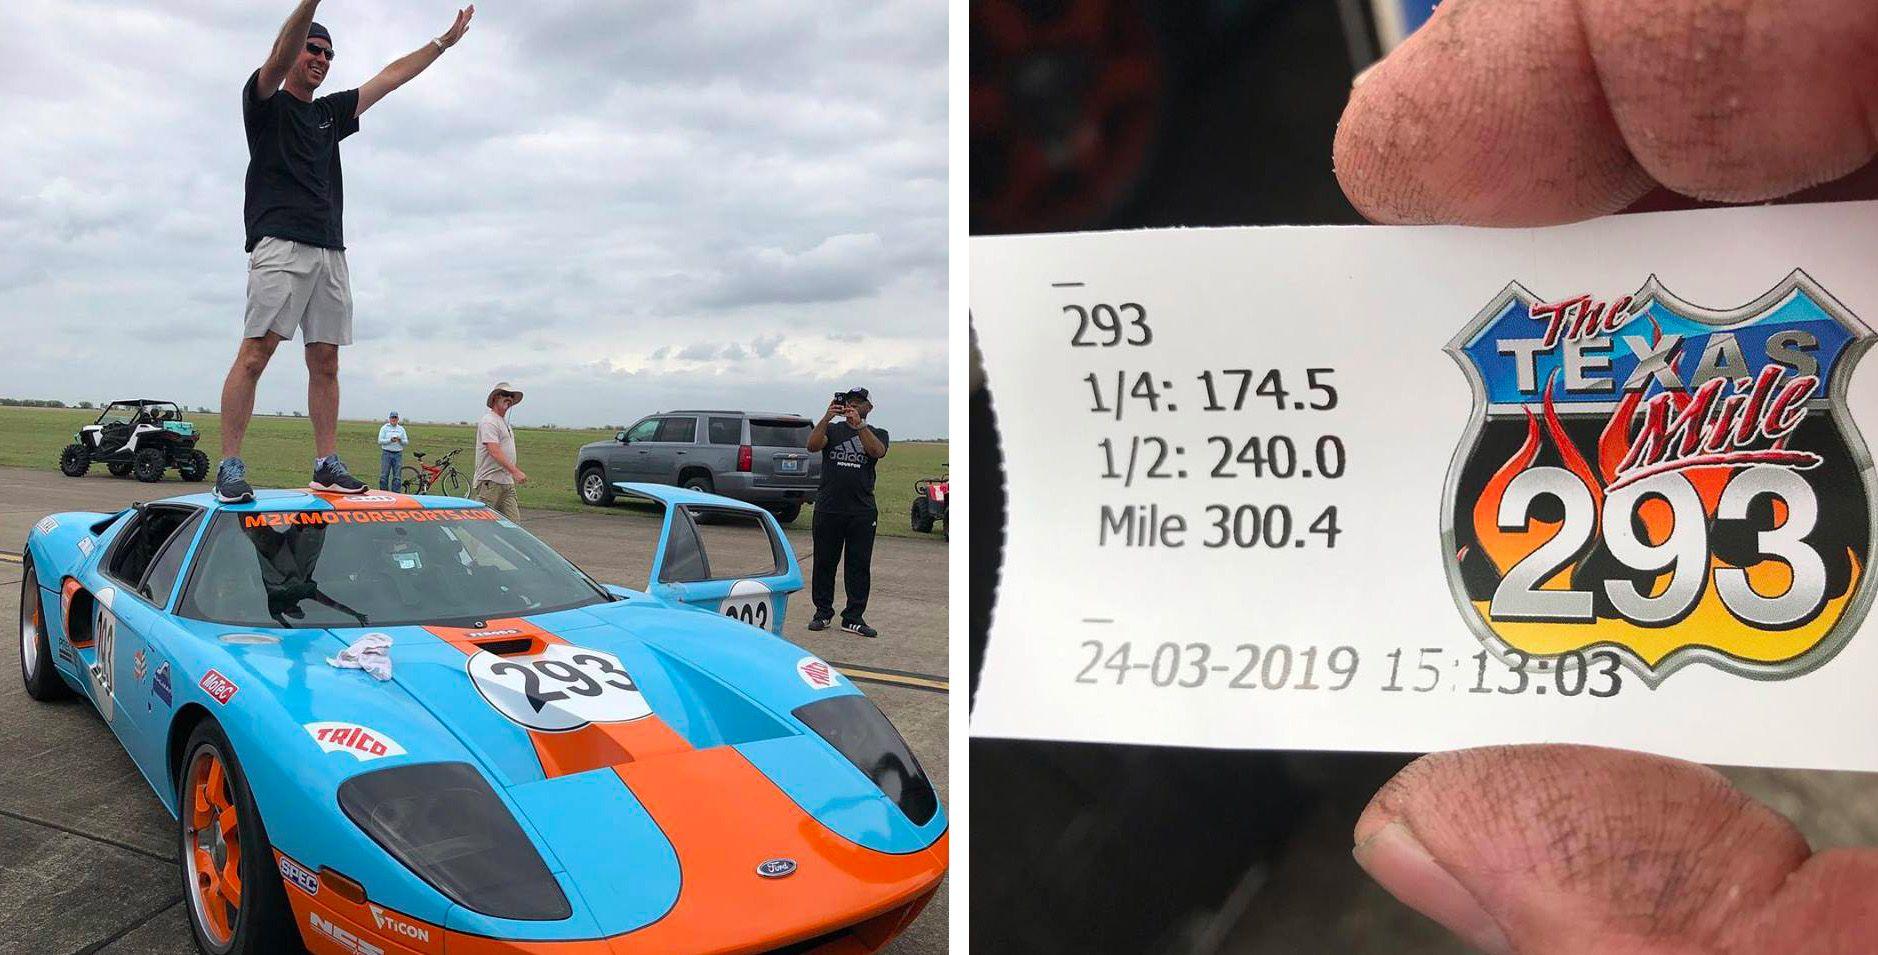 Kỷ lục tốc độ Ford GT